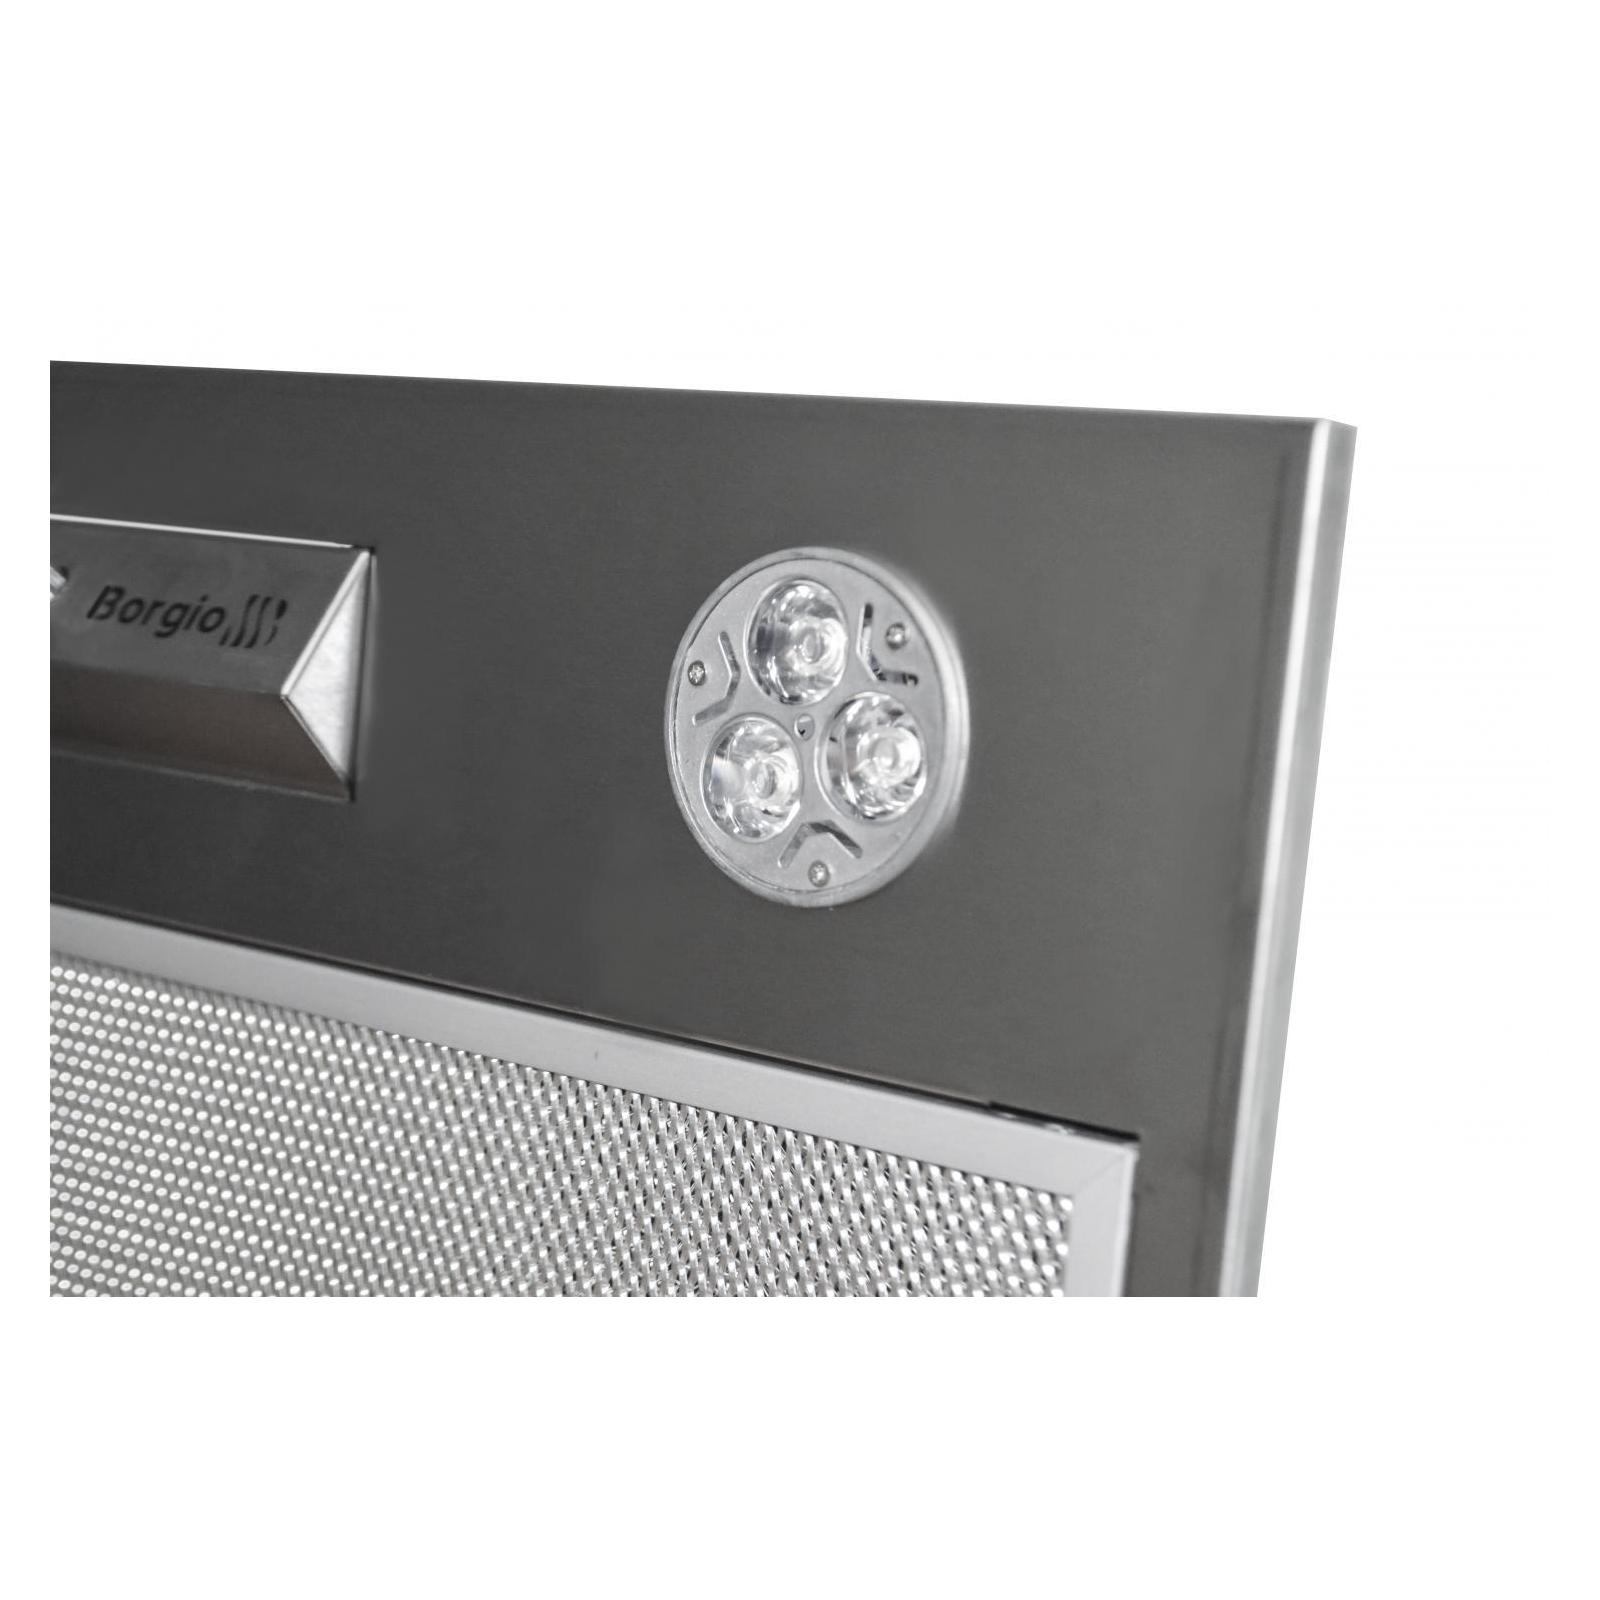 Вытяжка кухонная Borgio BIT-BOX 60 inox изображение 4